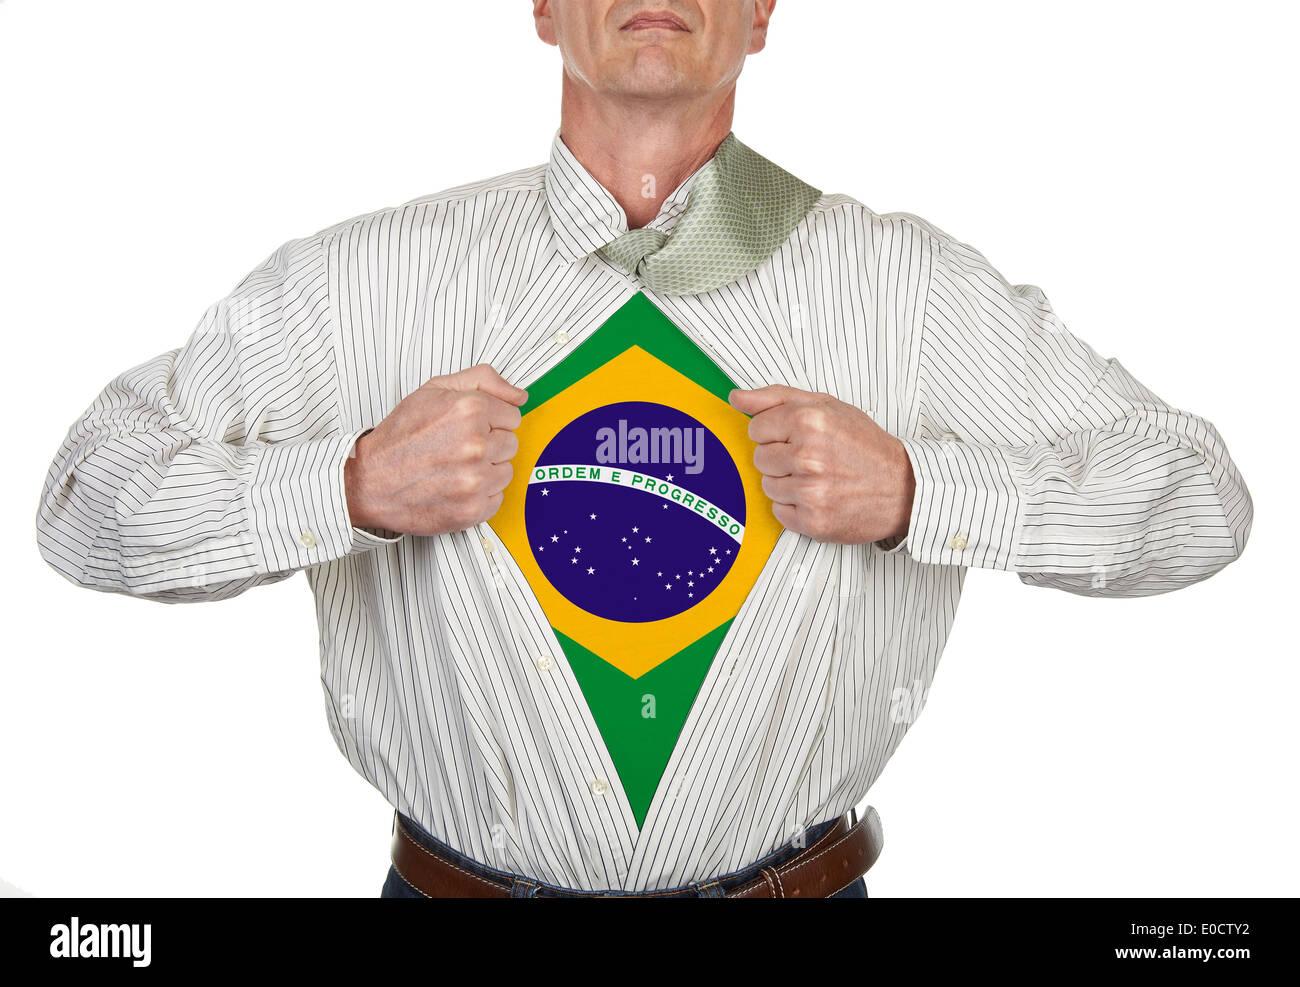 Geschäftsmann zeigt einen Superhelden-Anzug unter seinem Anzug, Beschneidungspfad für T-shirt leer Stockbild